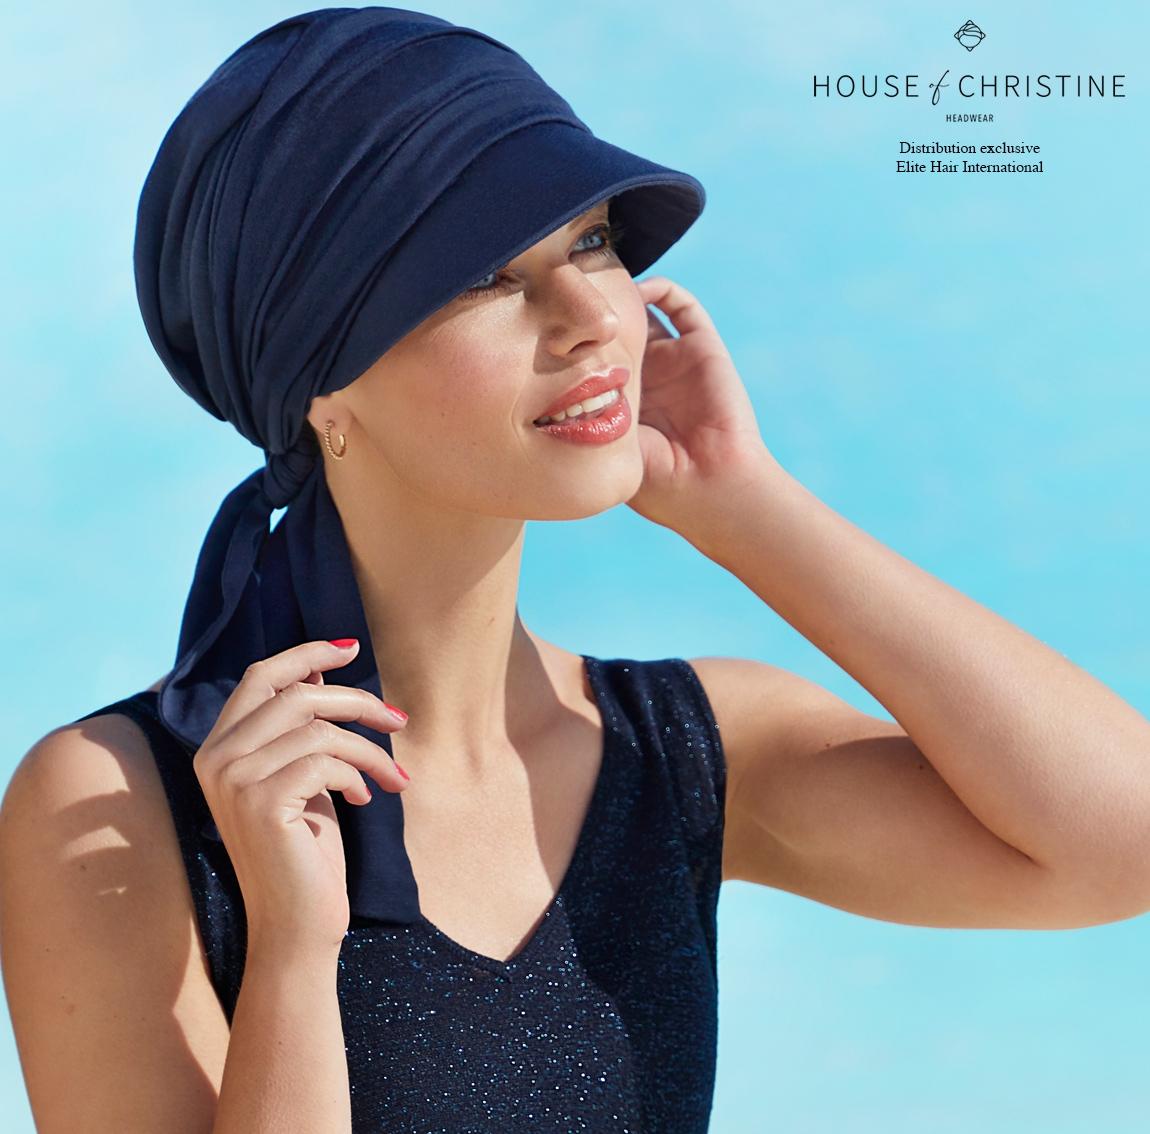 Casquette chimio beatrice, minéral, christine headwear